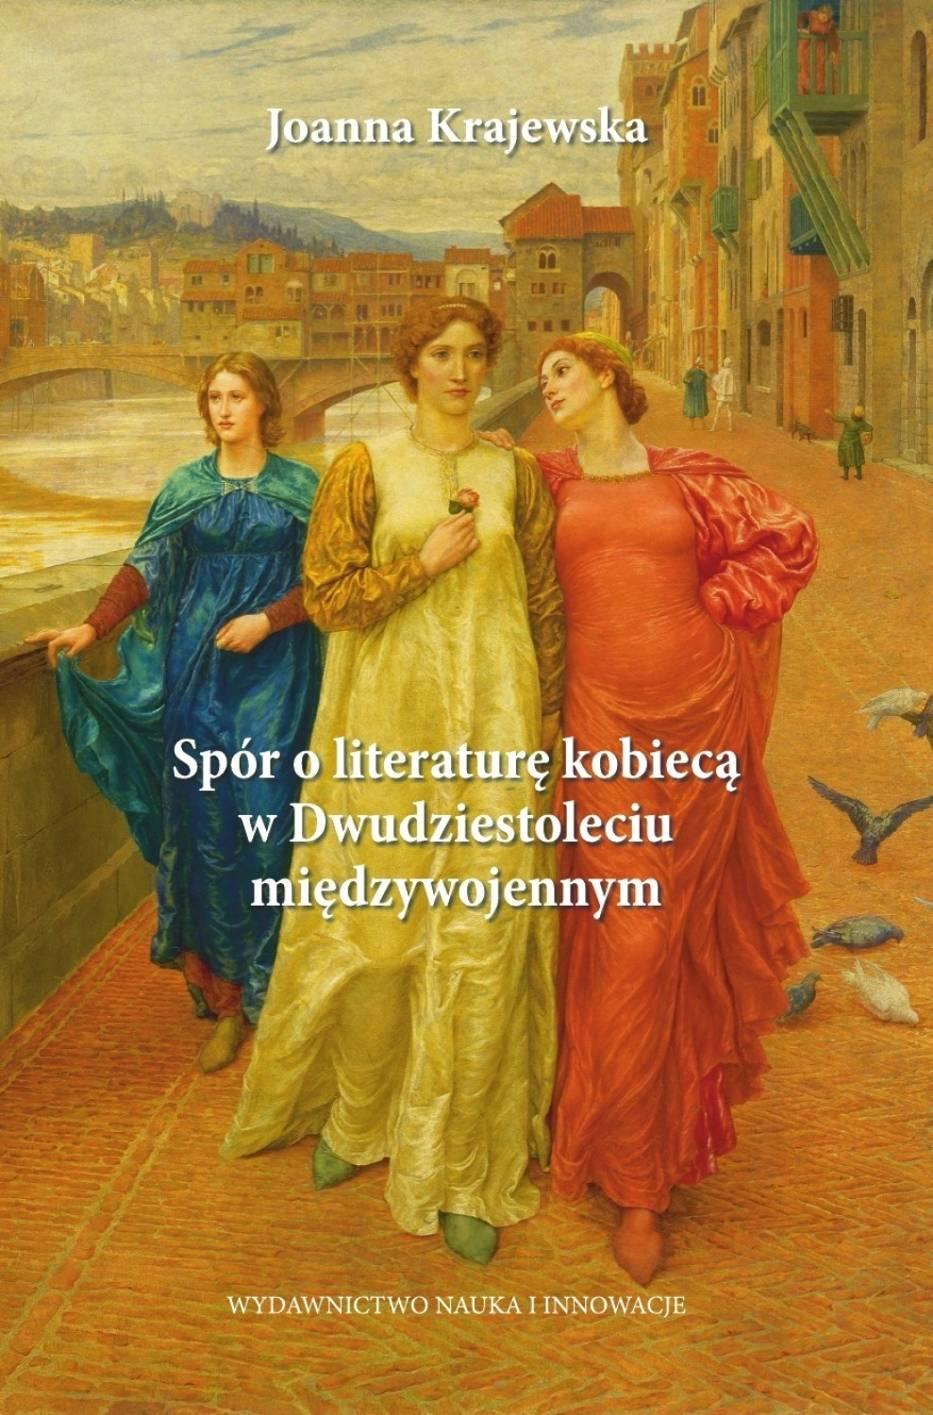 Spór o literaturę kobiecą w Dwudziestoleciu międzywojennym